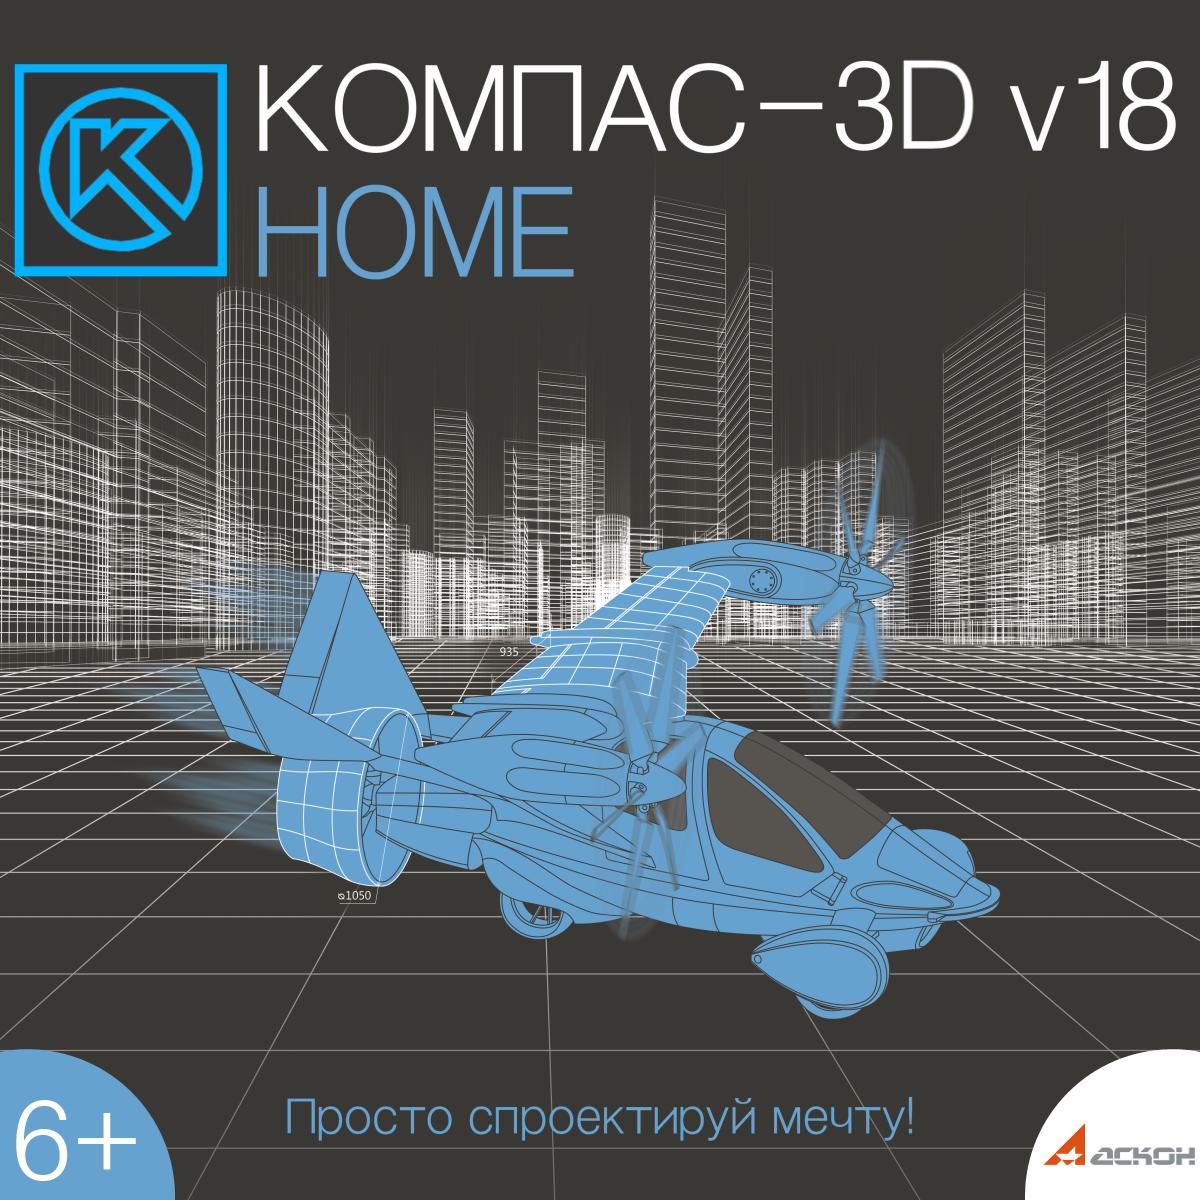 КОМПАС-3D v18 Home